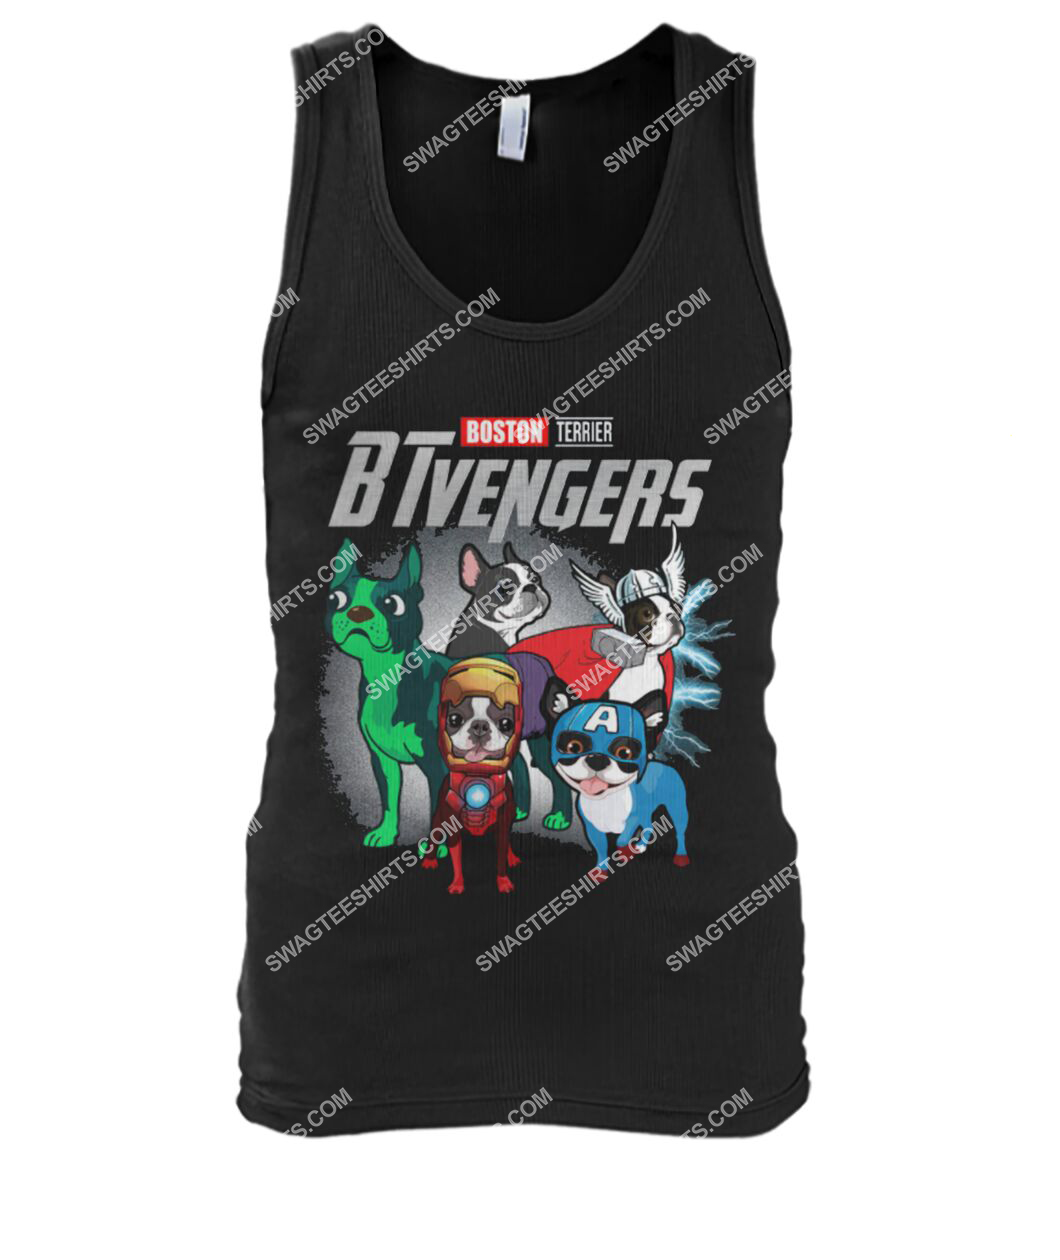 boston terrier btvengers marvel avengers dogs lover tank top 1